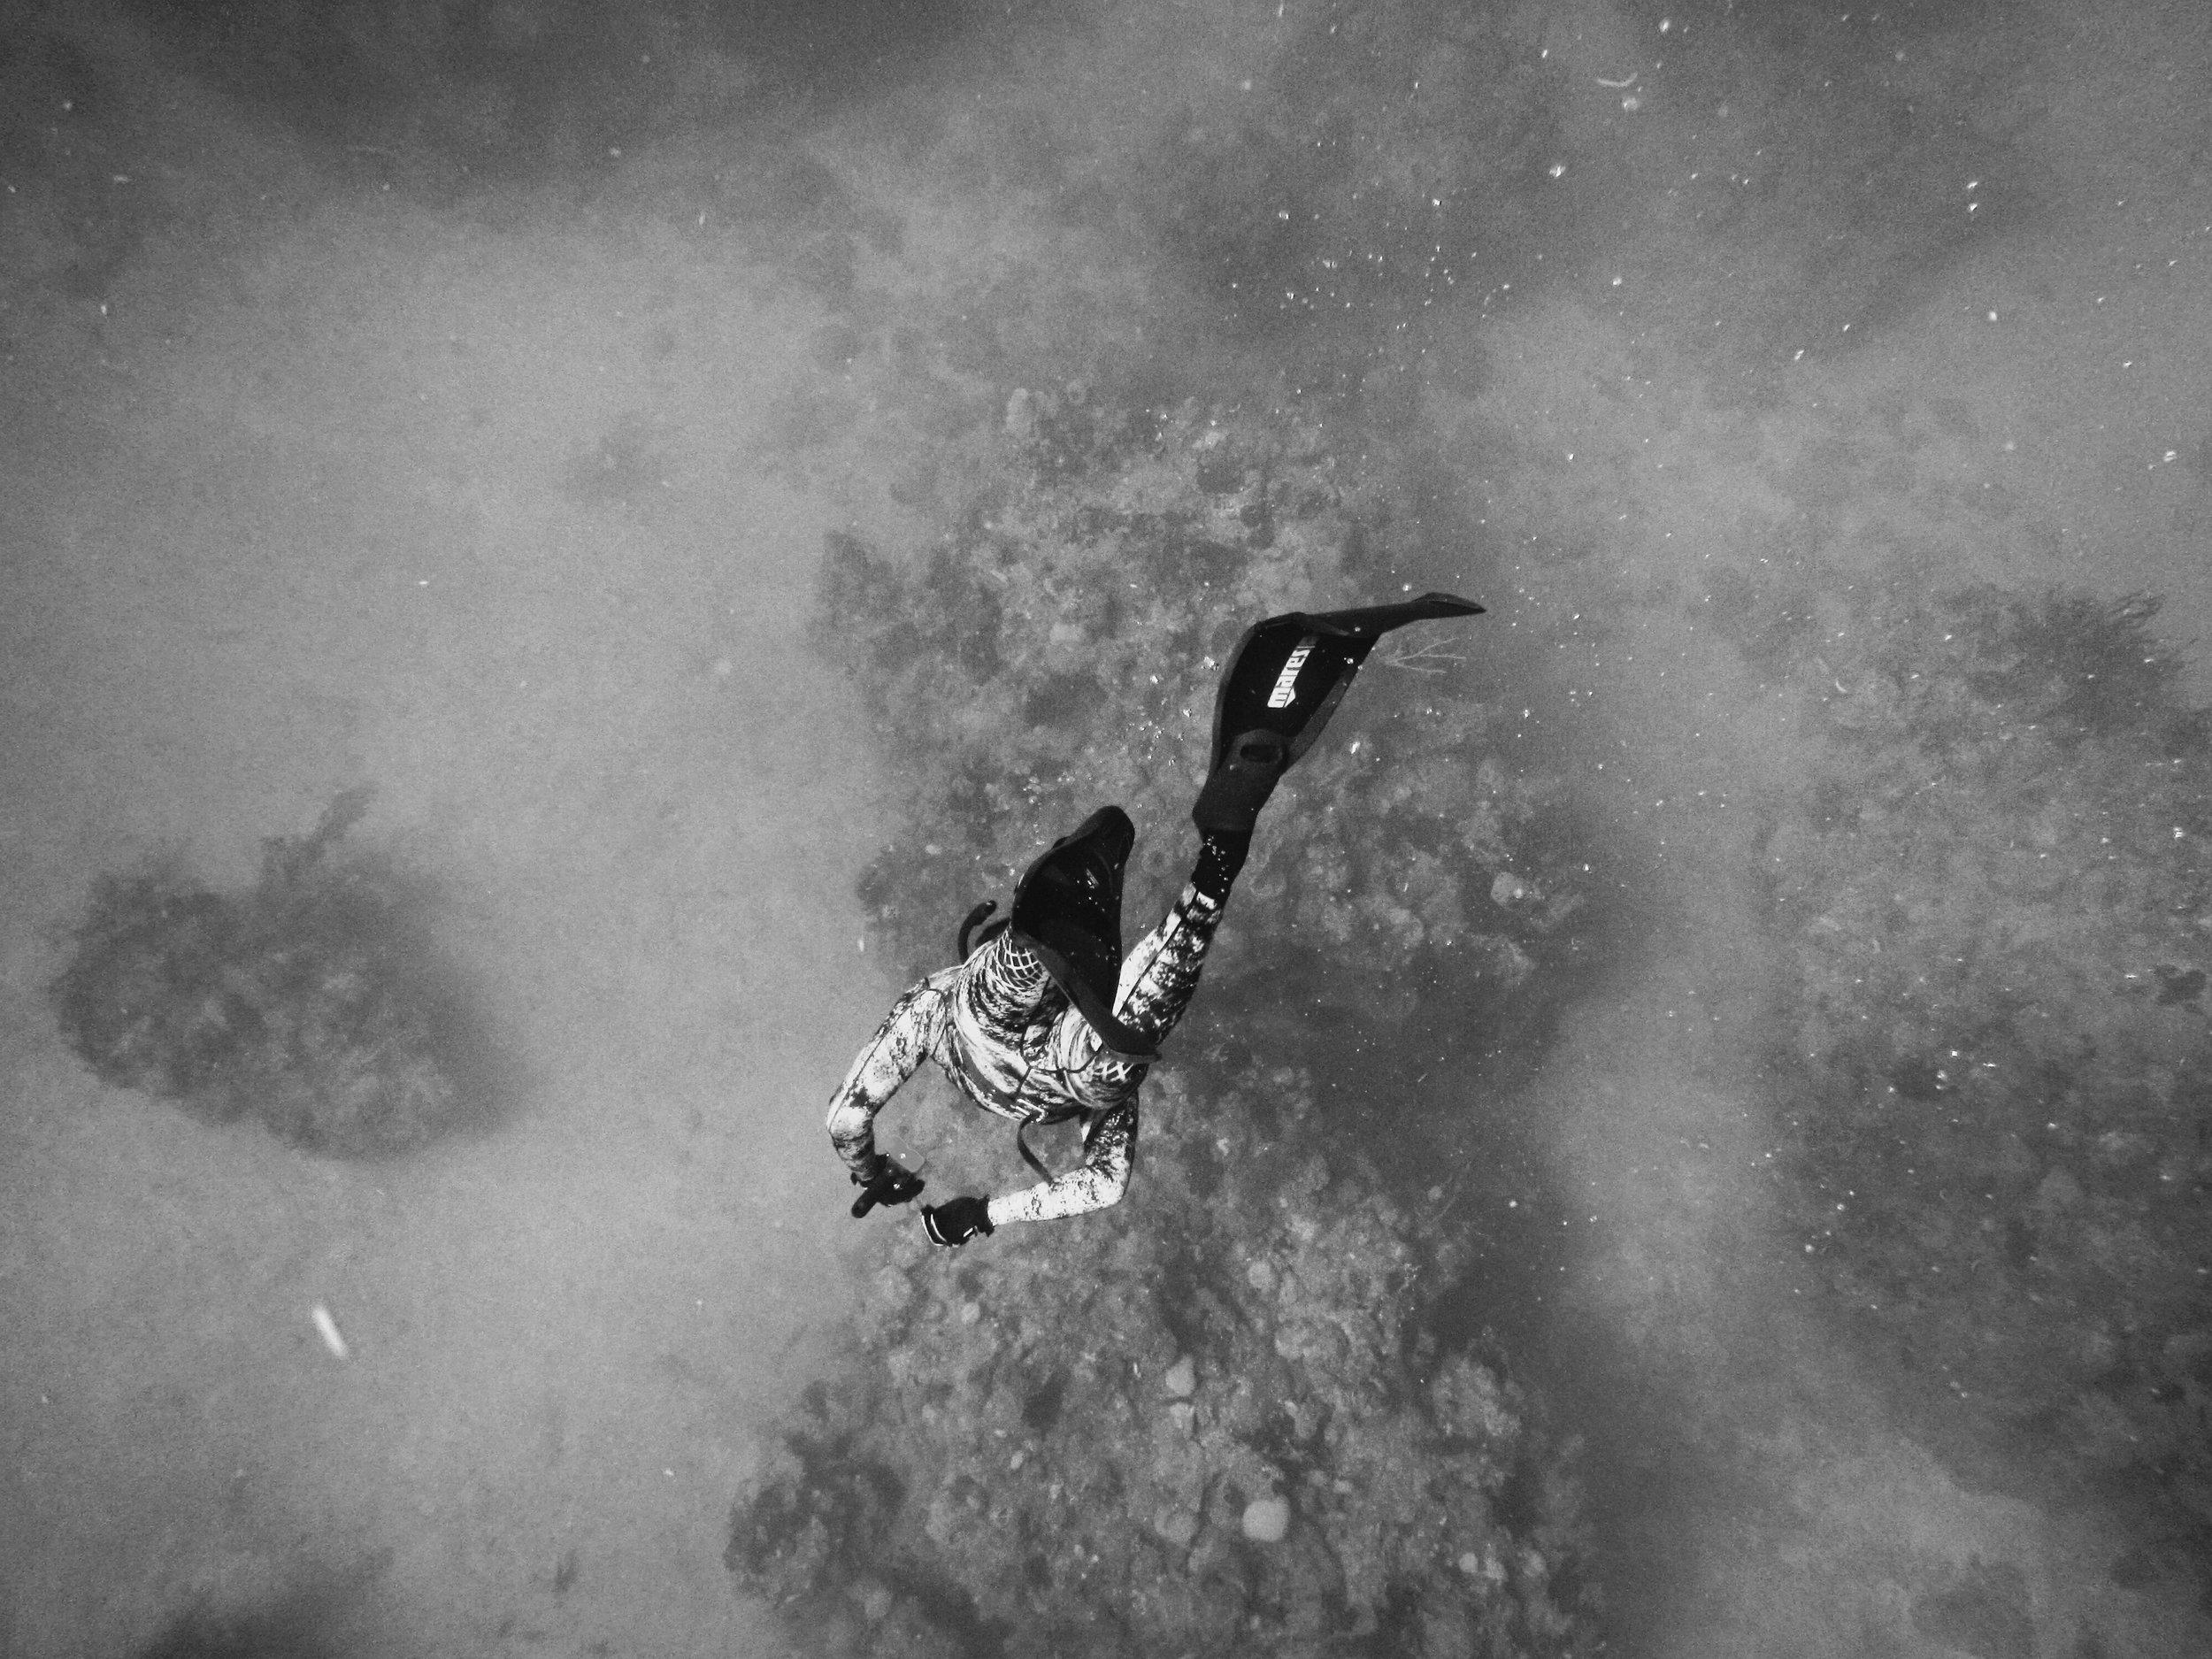 Dykketurar// Diving trips - 1. september (Dagstur)Til Lyngstølvatnet med Sjøspretten20 –22. septemberTil Florø med Sogndal Dykkarklubb25 – 27. oktoberTil Skjerjehamn med Sogndal DykkarklubbI løpet av januarTil Flåm (Vrakdykk)